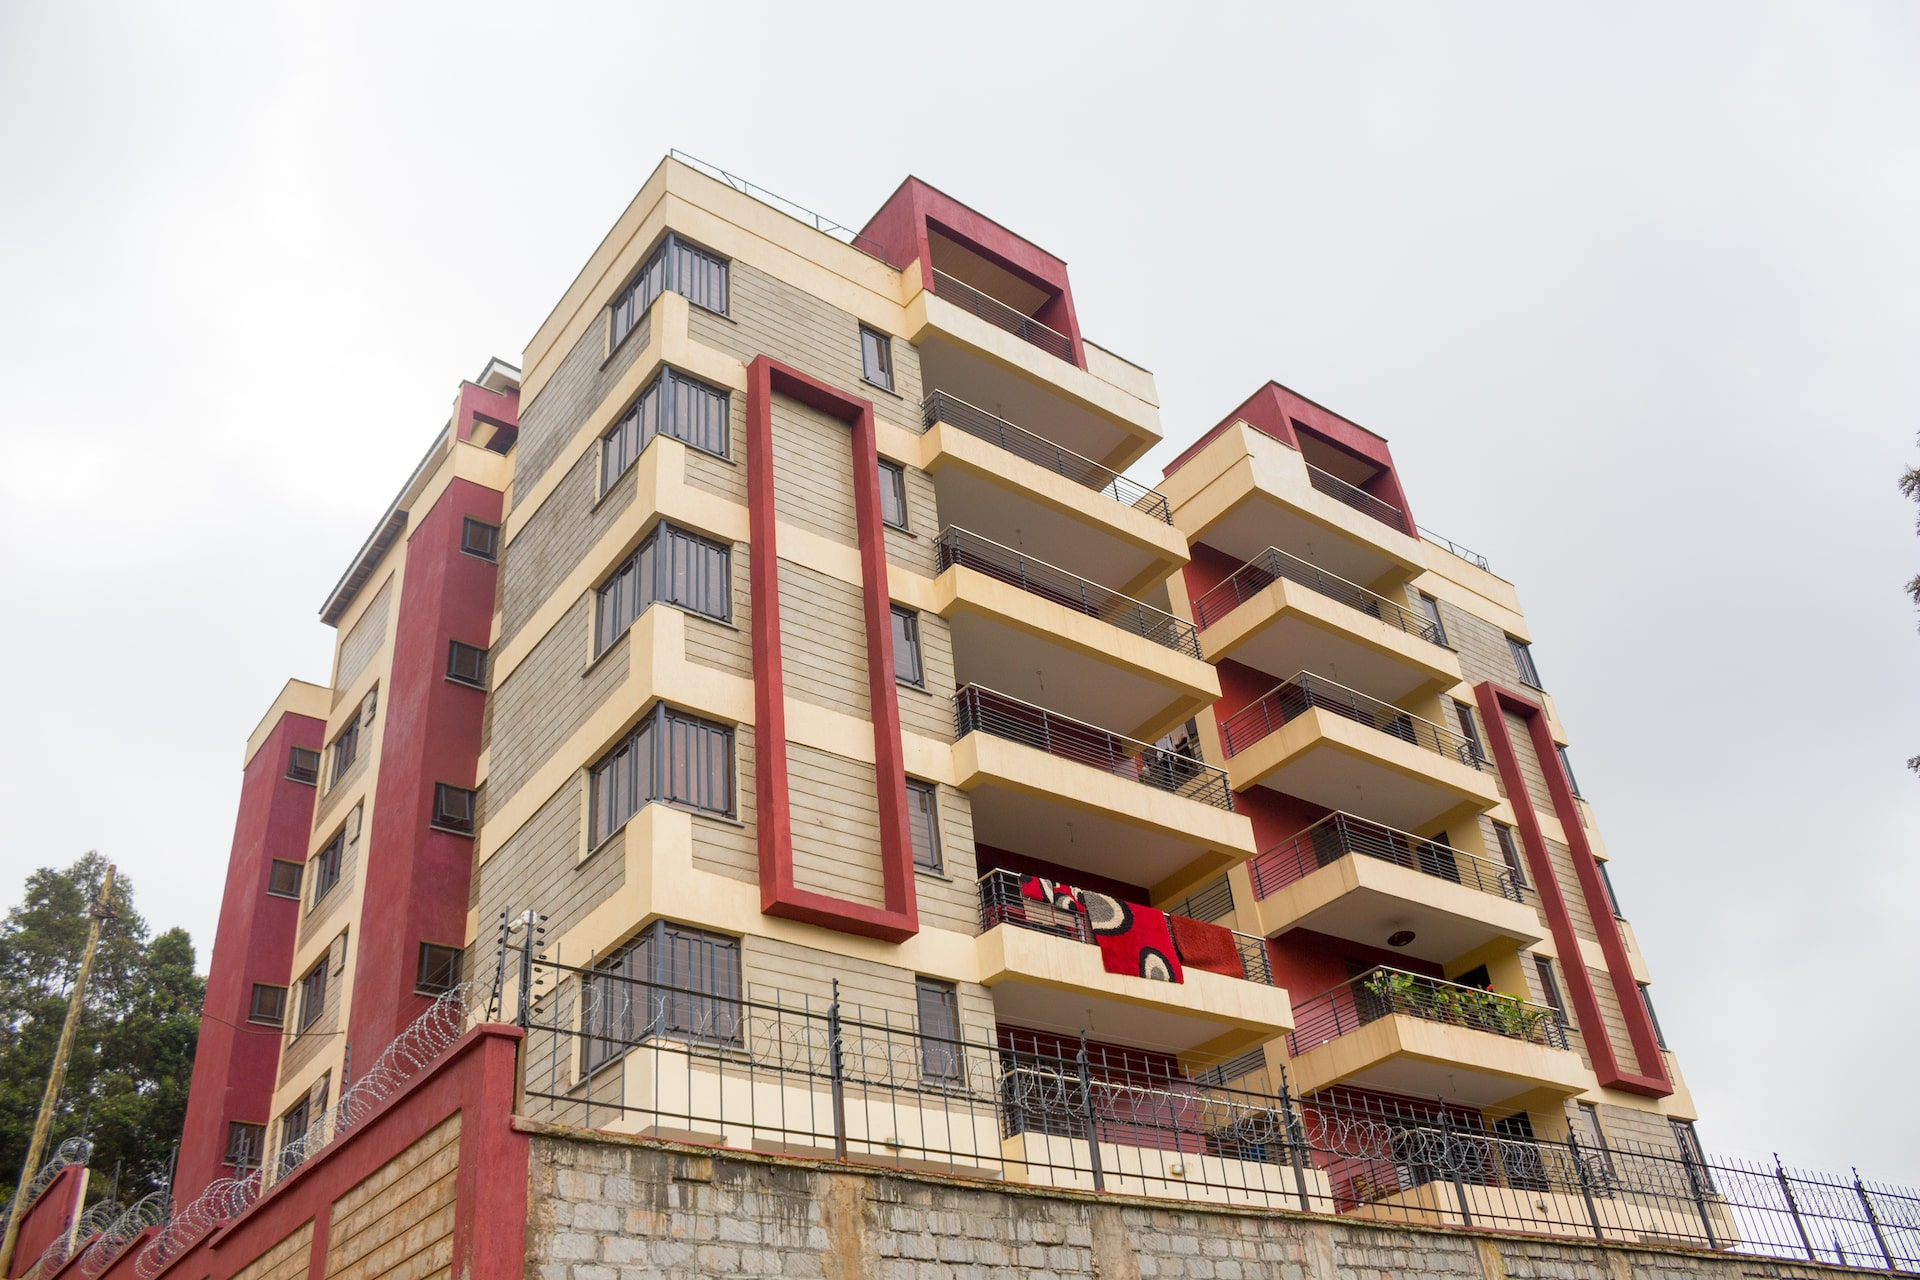 Grandville phase 1 building facade